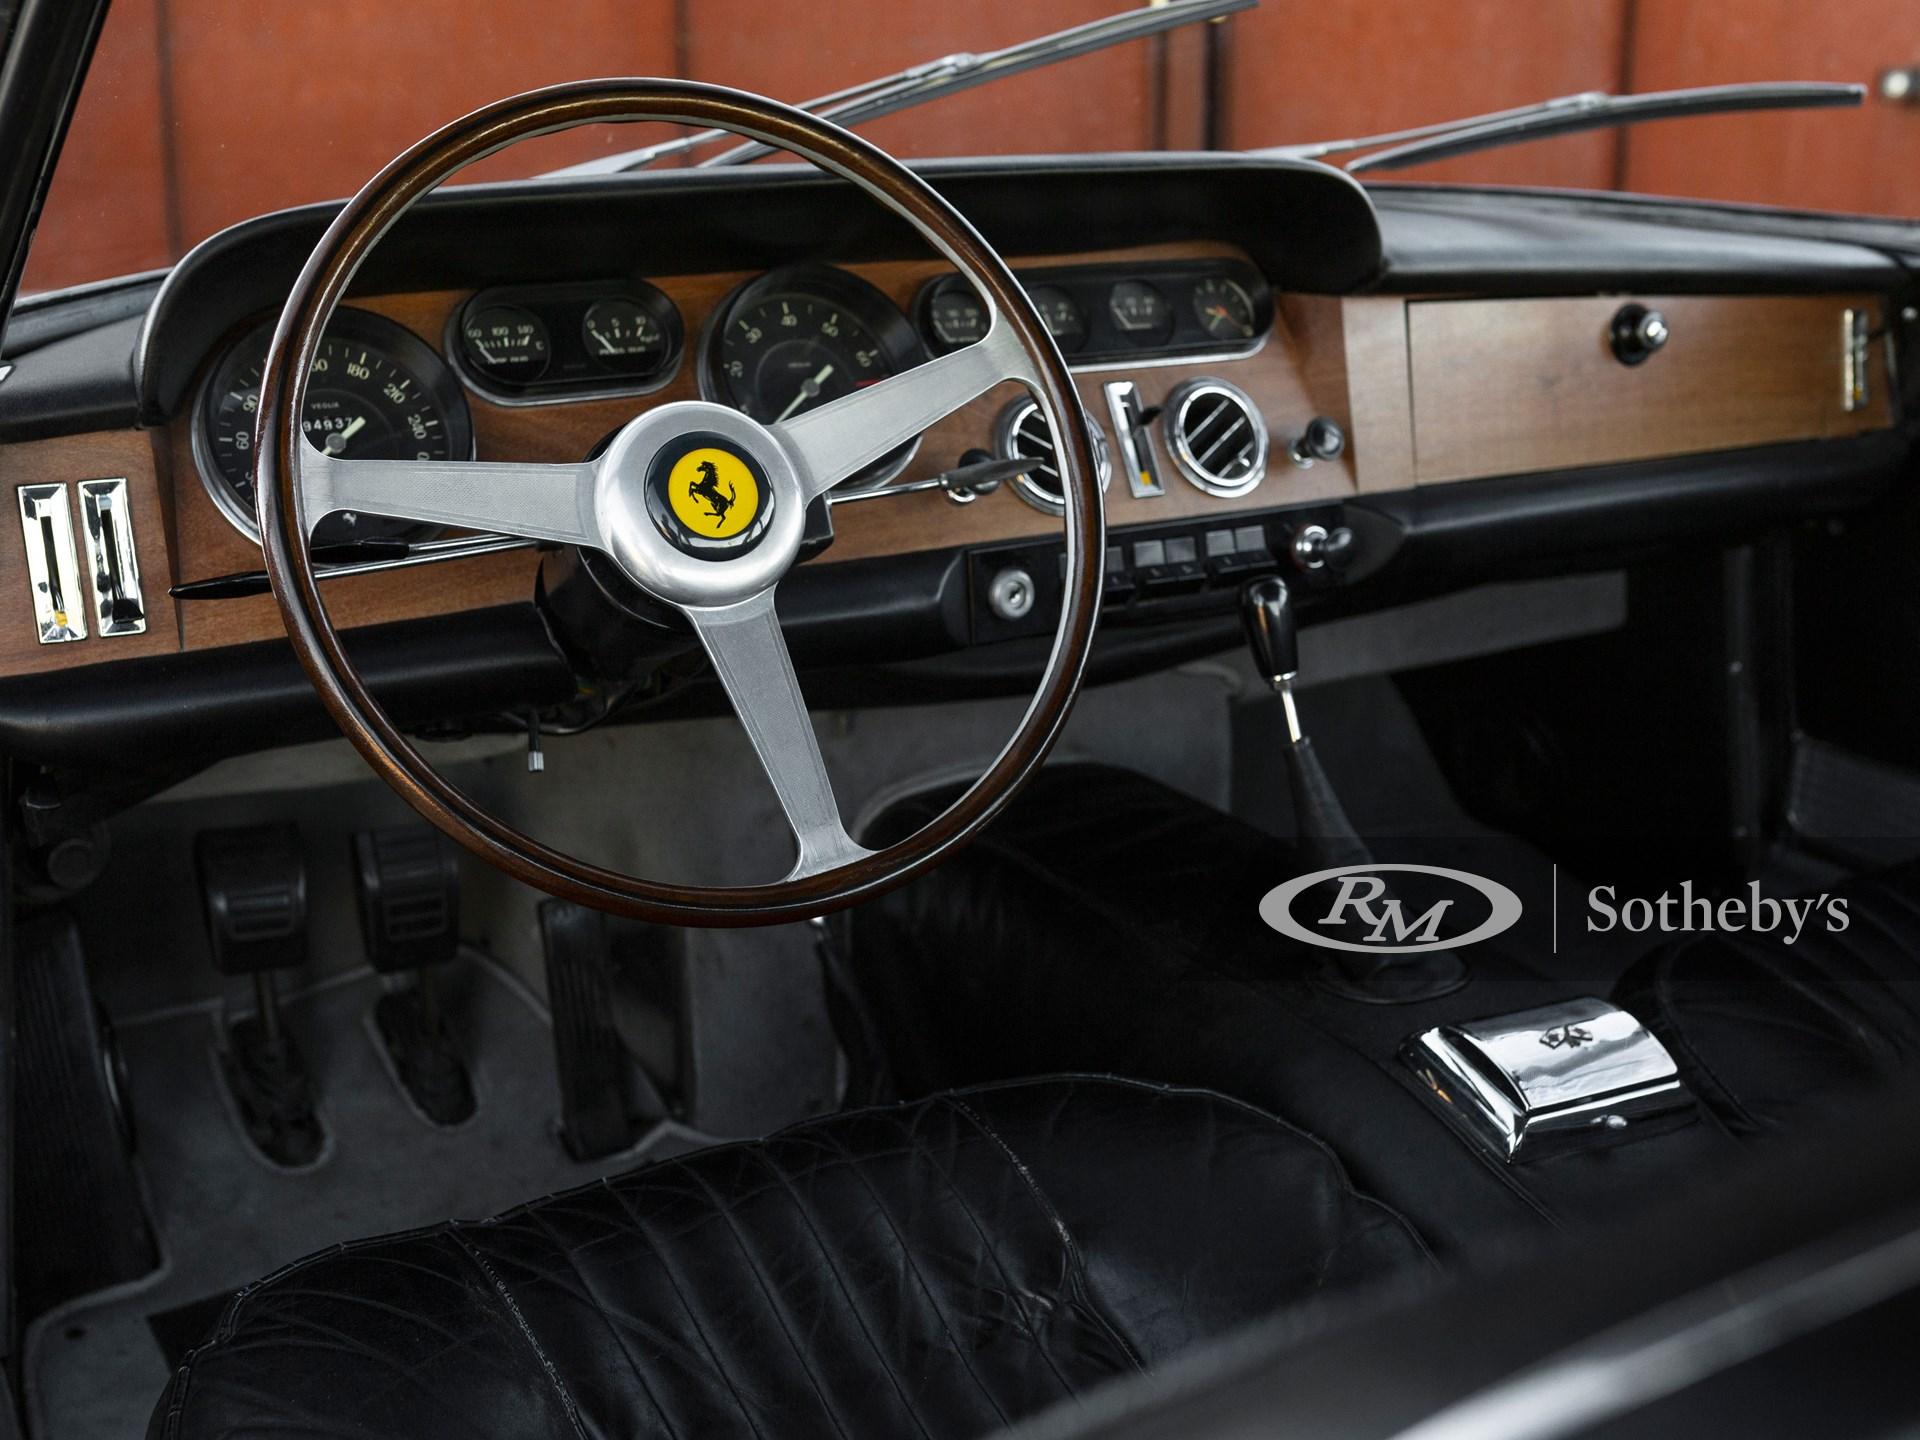 1964 Ferrari 330 GT 2+2 Series I by Pininfarina -